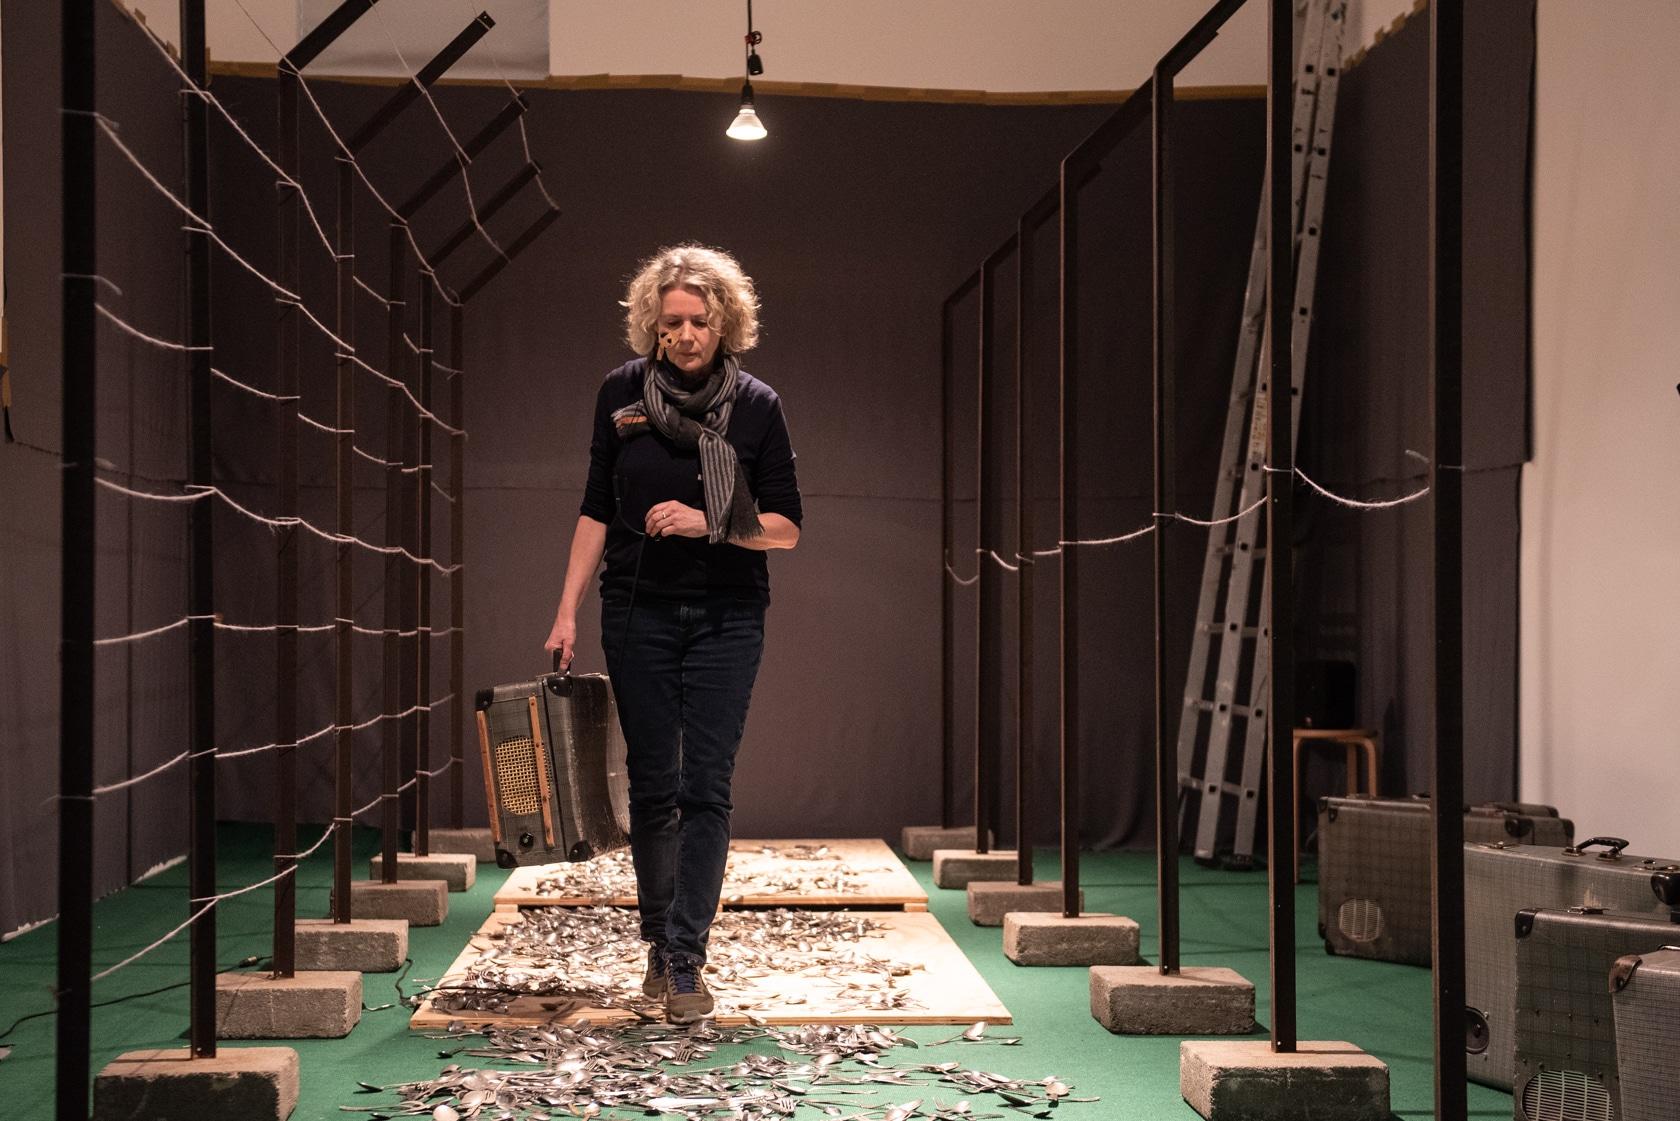 Regina Selter, stellv. Direktorin des MO, in der Installation (Fotos: Roland Gorecki, Dortmund Agentur)